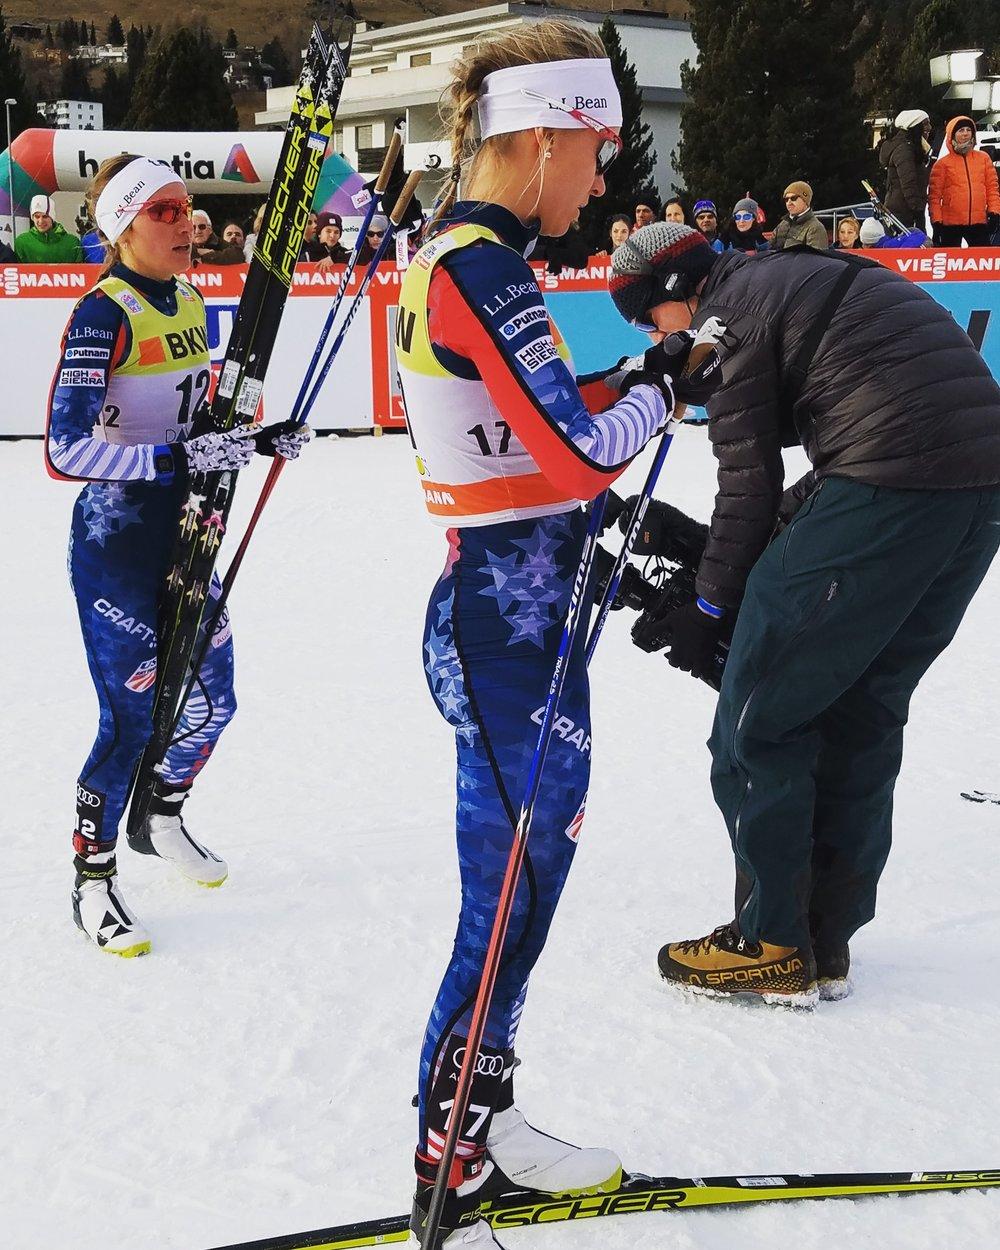 Davos sprint racing. (Noah Hoffman photo)